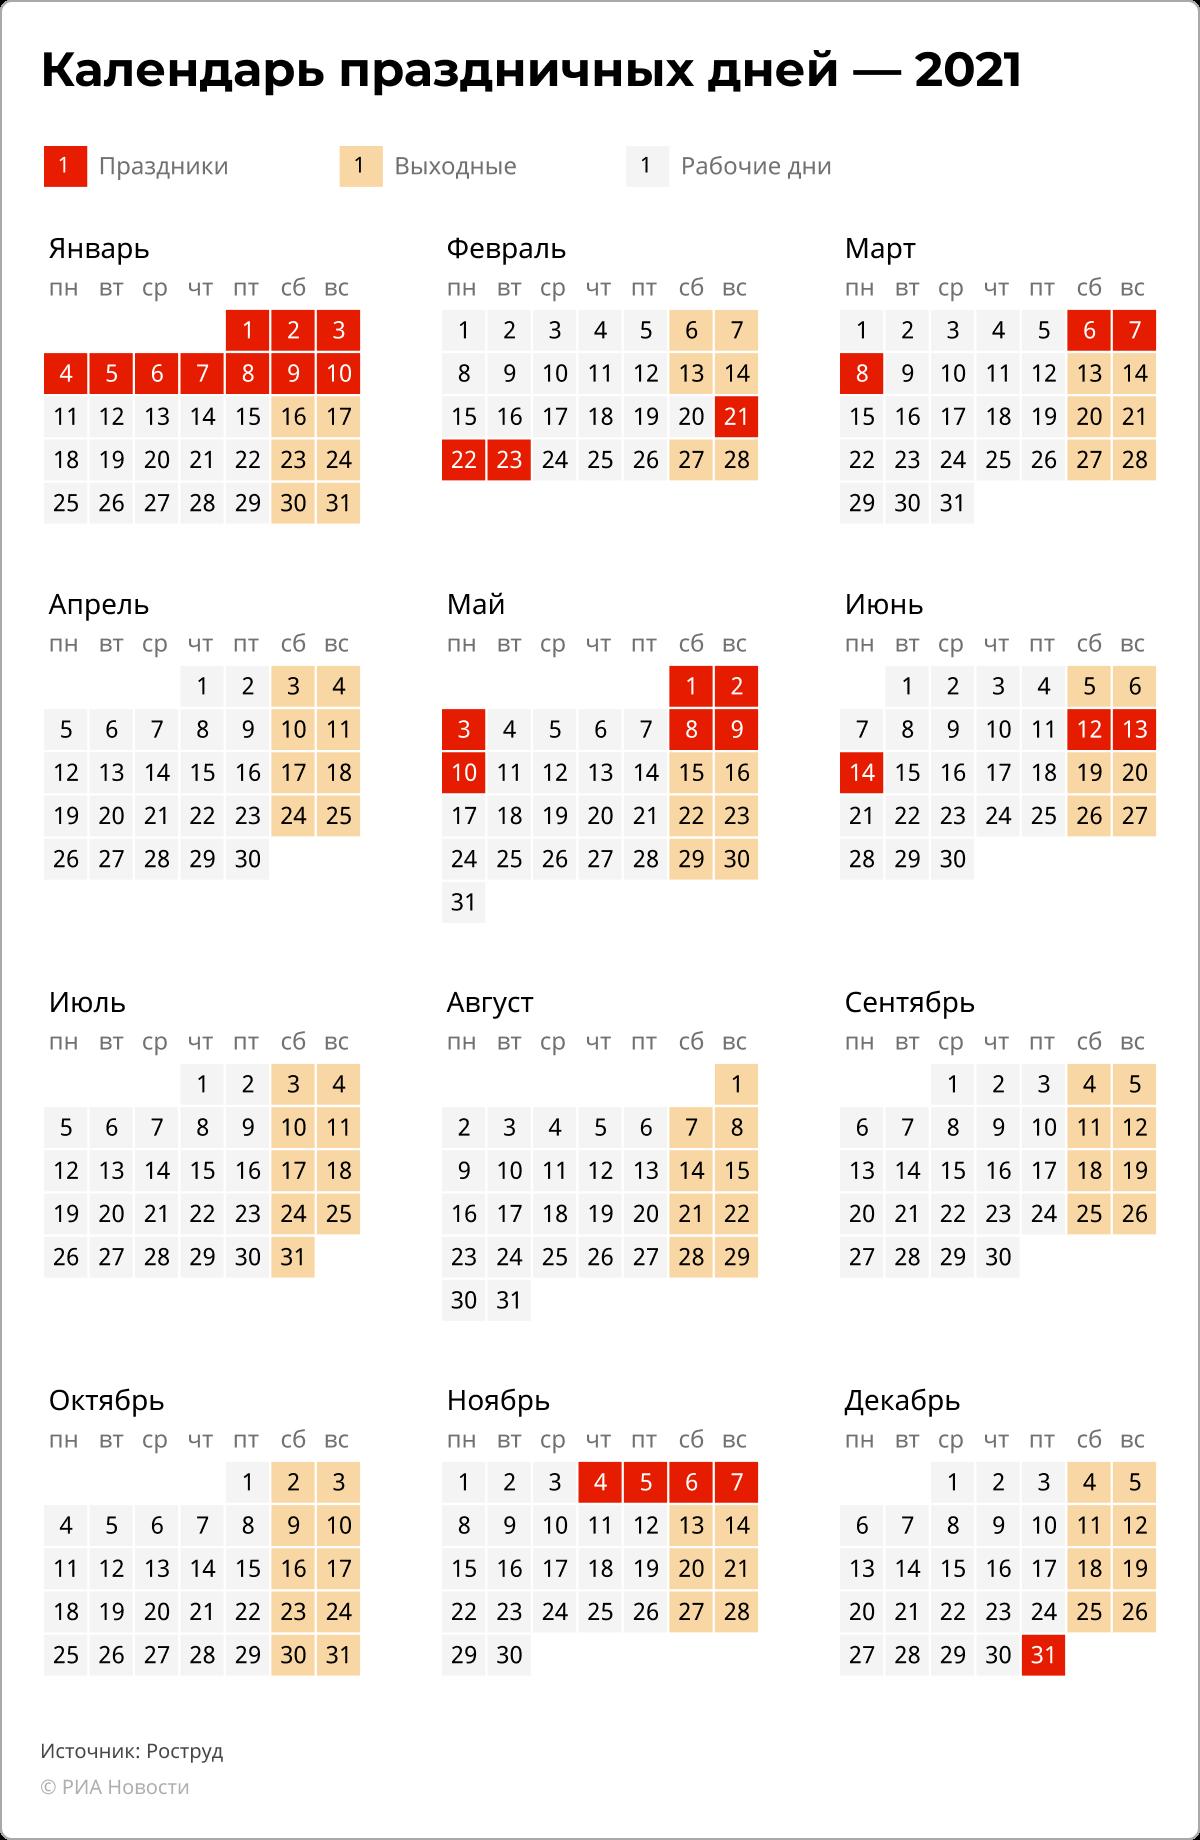 Календарь праздничных и выходных дней на 2021 год